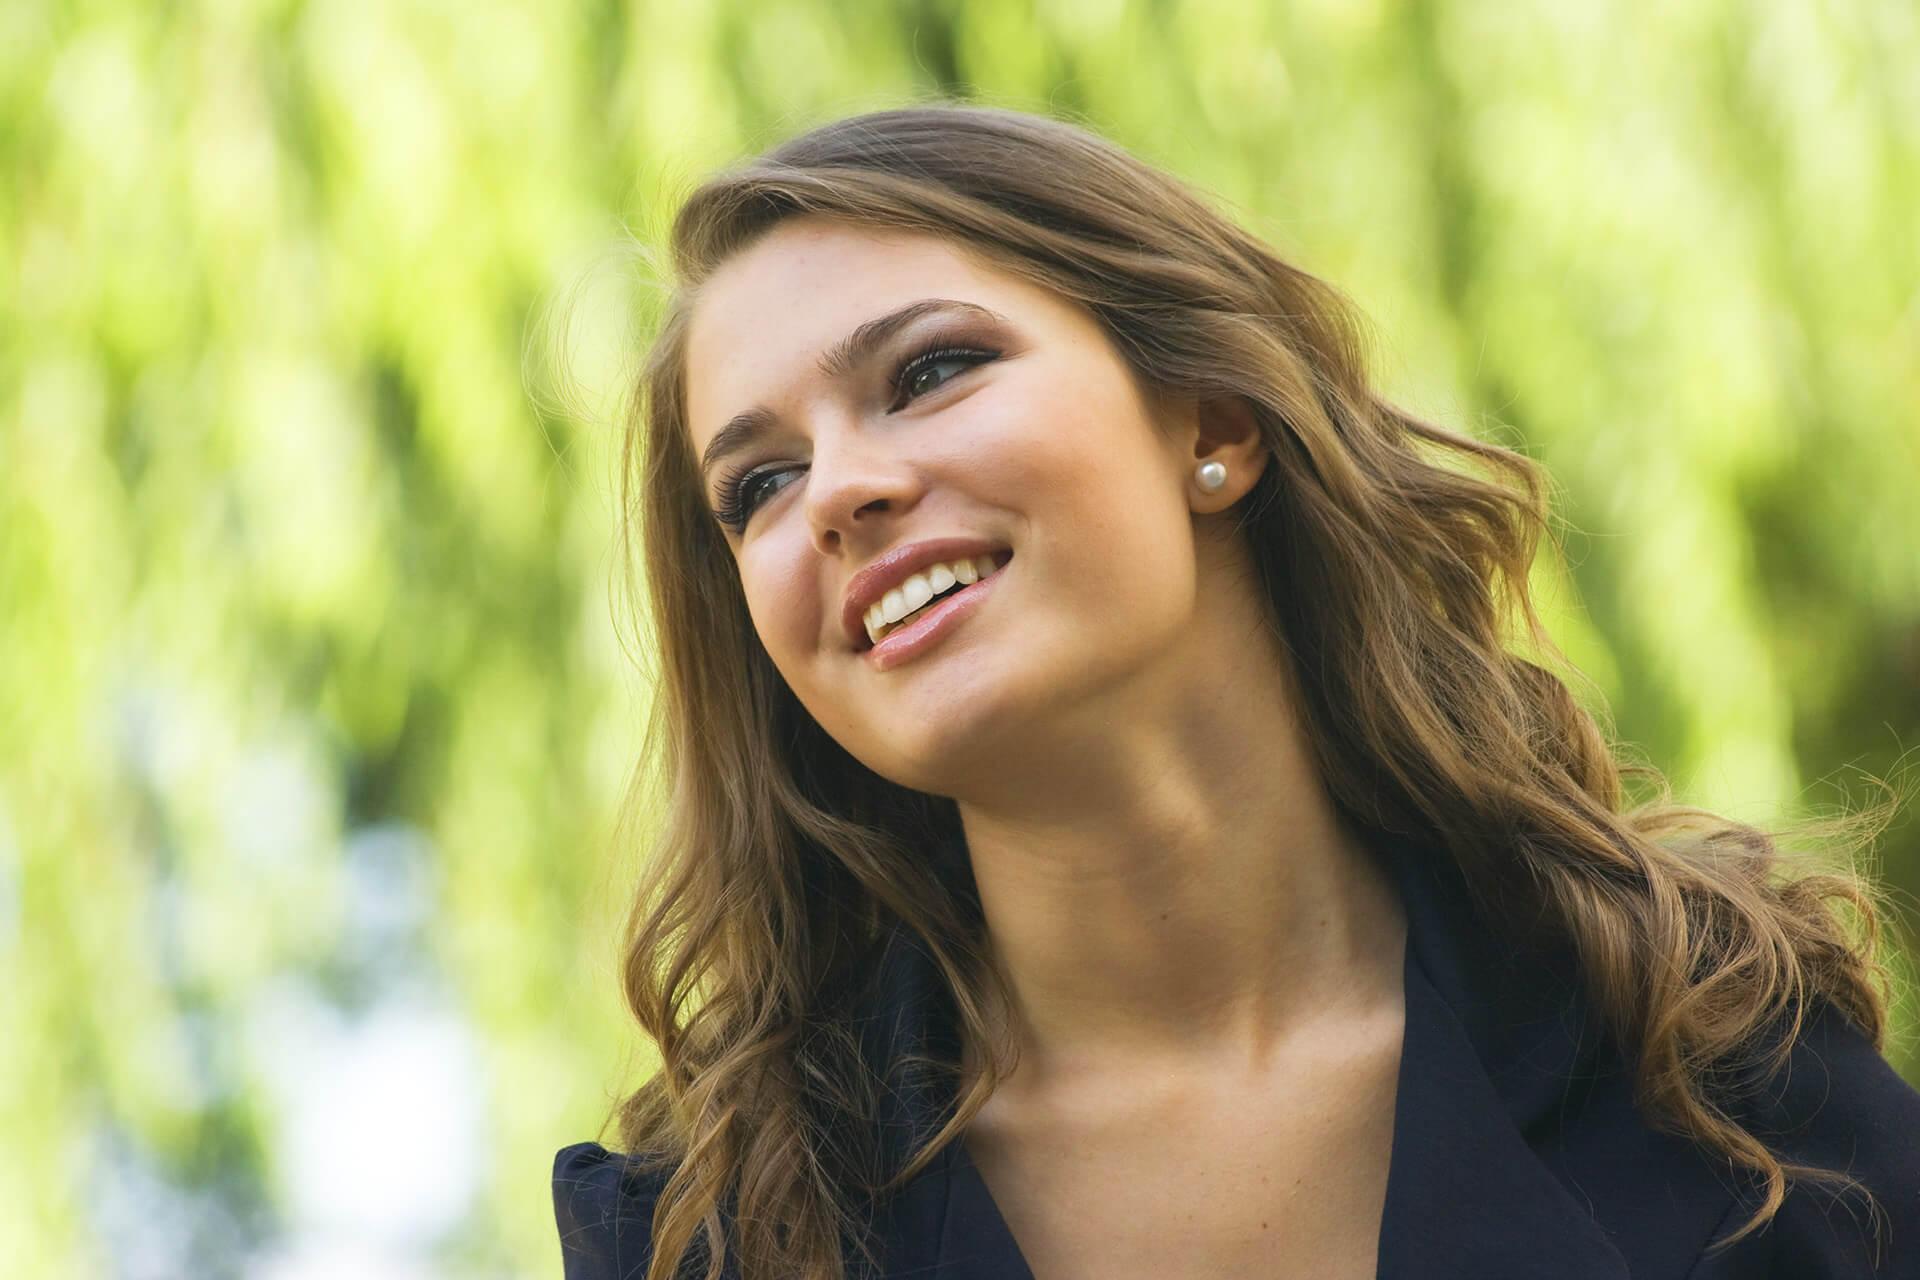 Huebsche Frau mit langen Haaren und schoenen Zaehnen laechelt vor hellgruenem Hintergrund